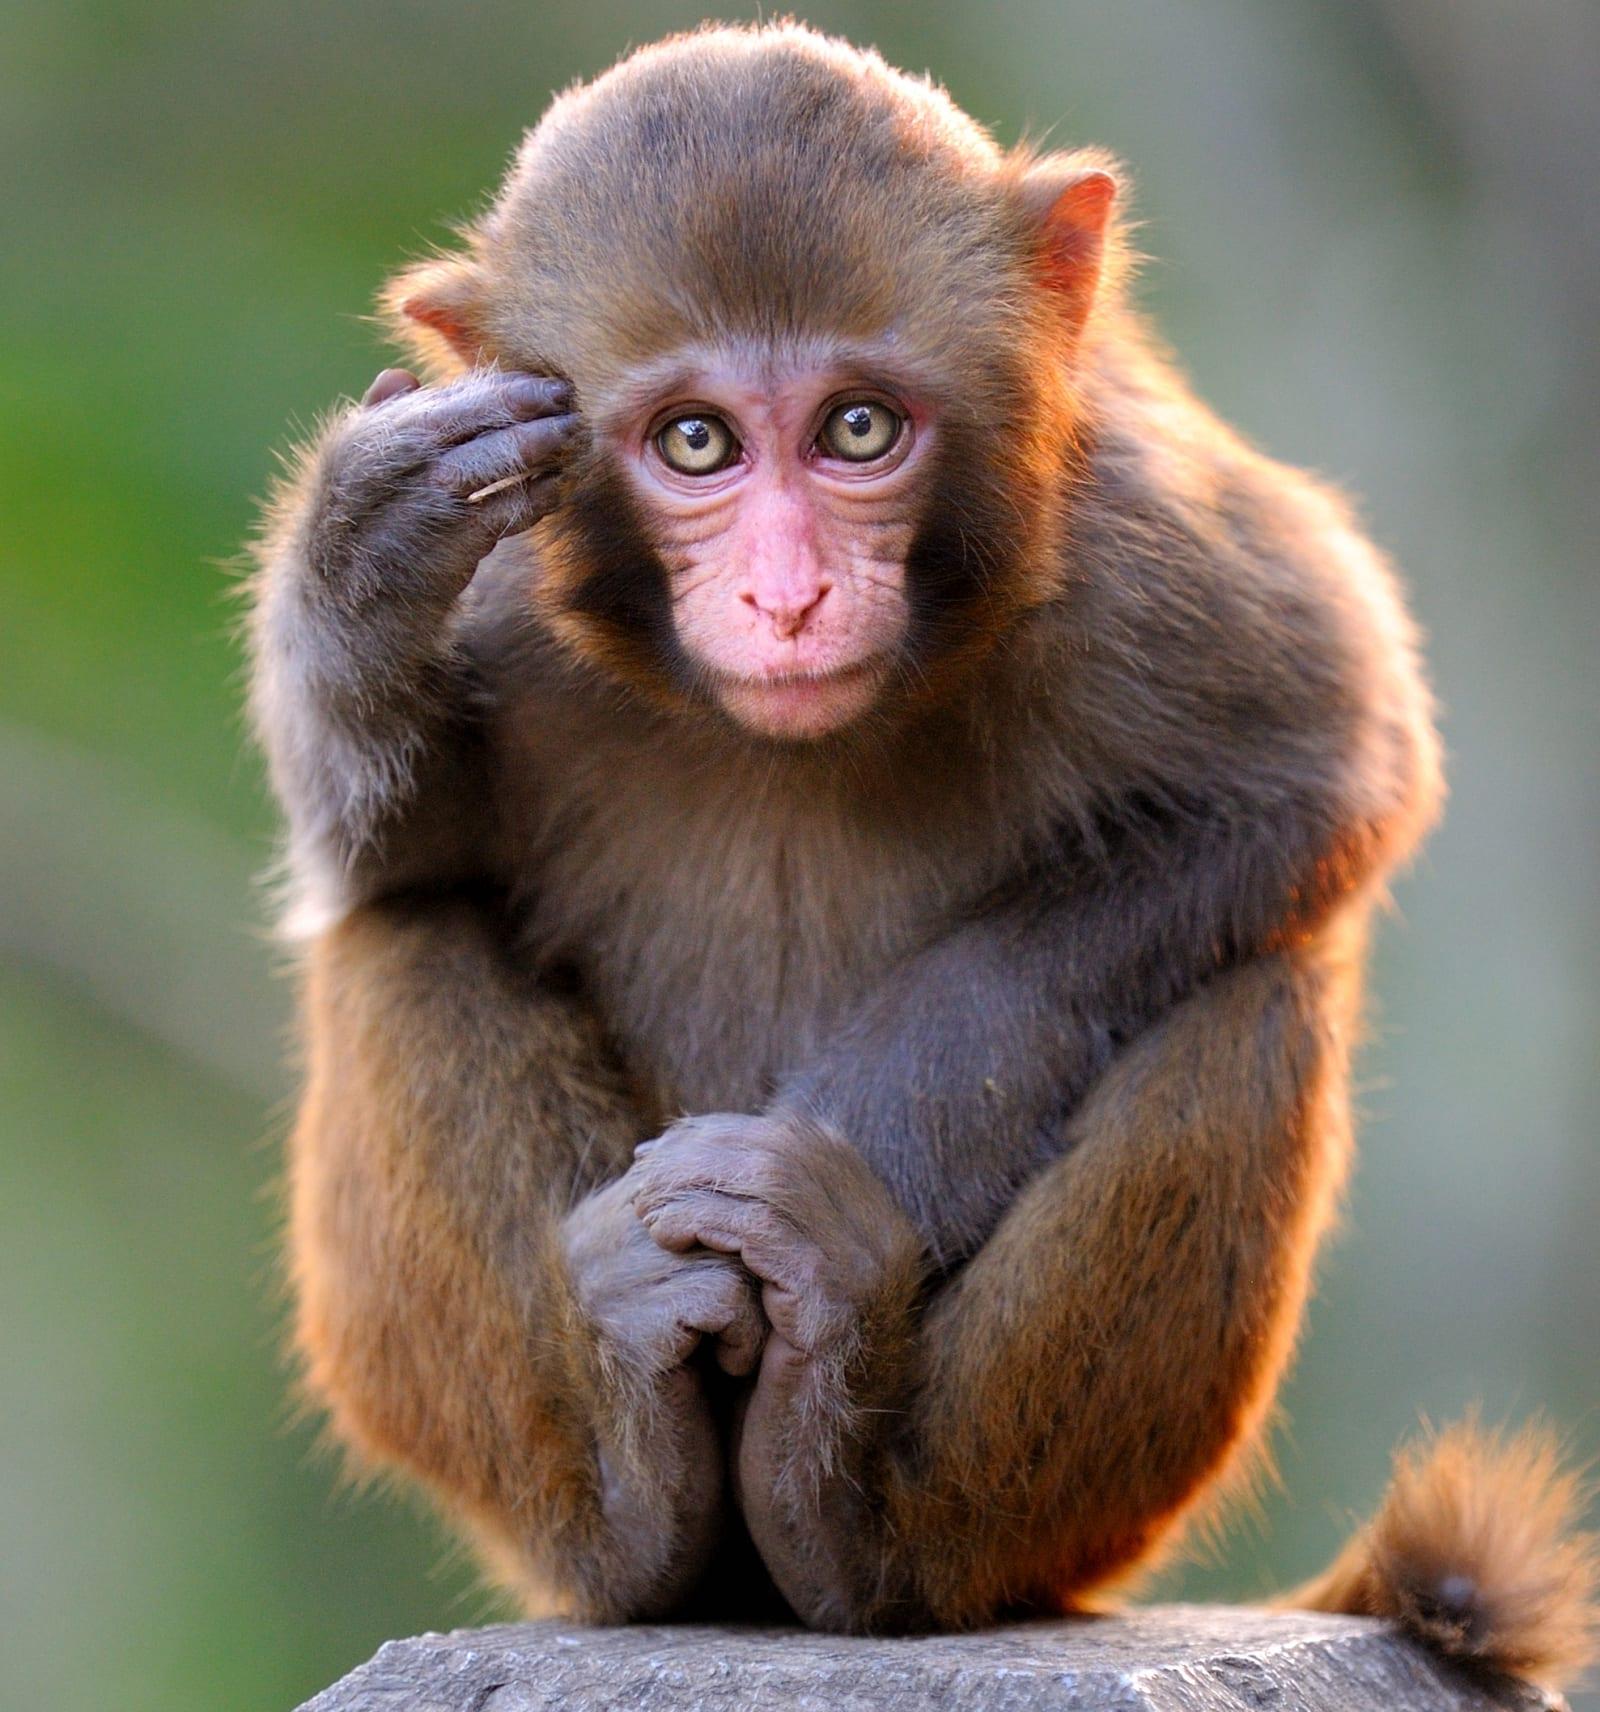 Thinking young monkey